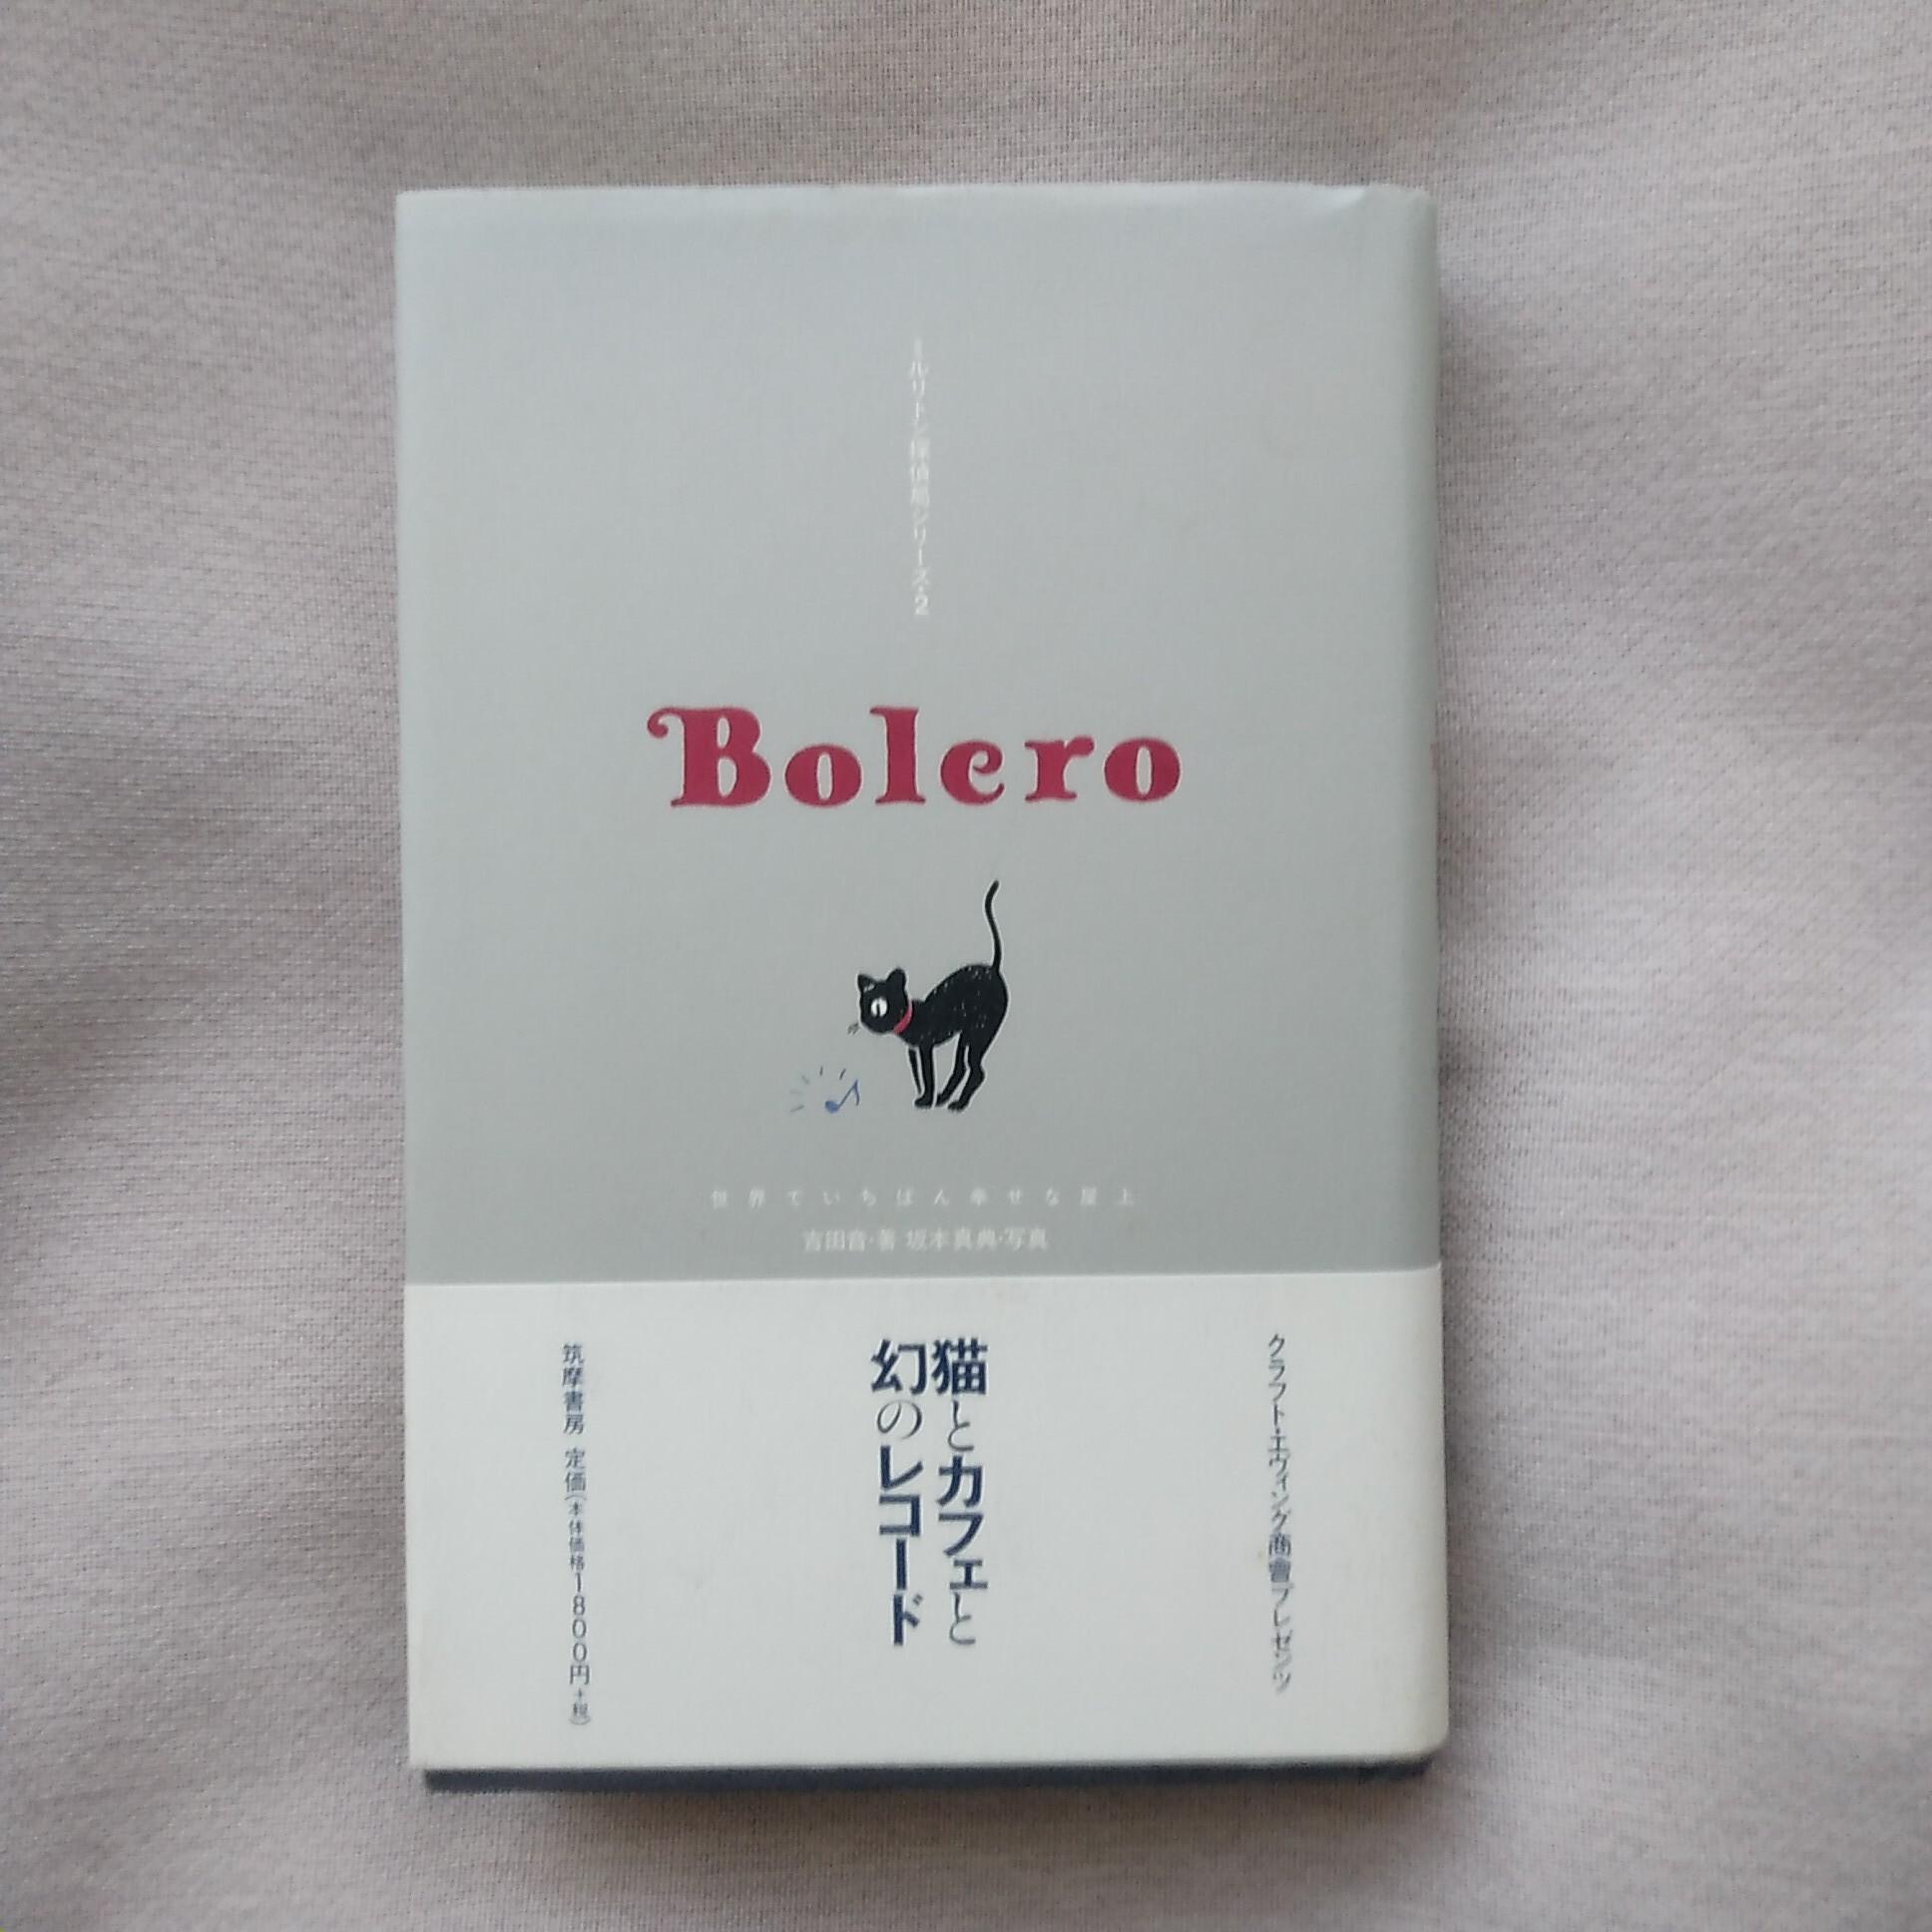 Bolero 世界でいちばん幸せな屋上 ~ミルトン探偵局シリーズ2